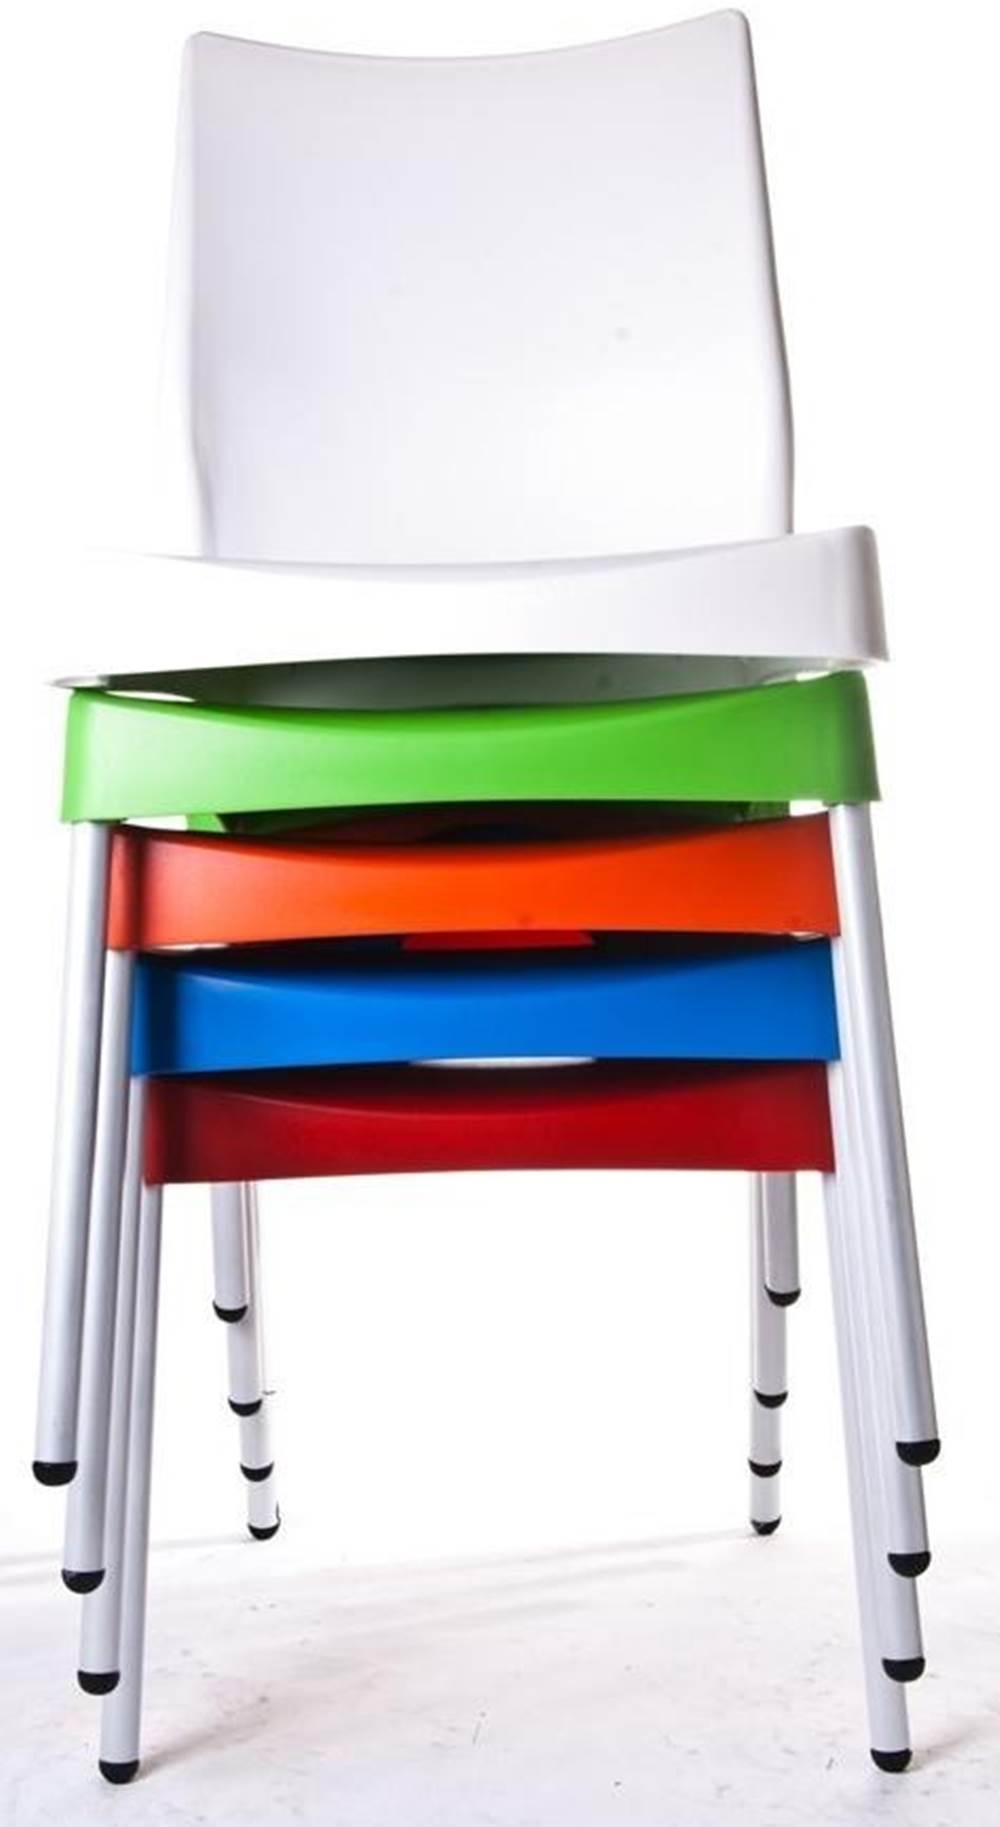 Cadeira Malba Base Fixa Pintada Cinza Cor Verde Agua -17538